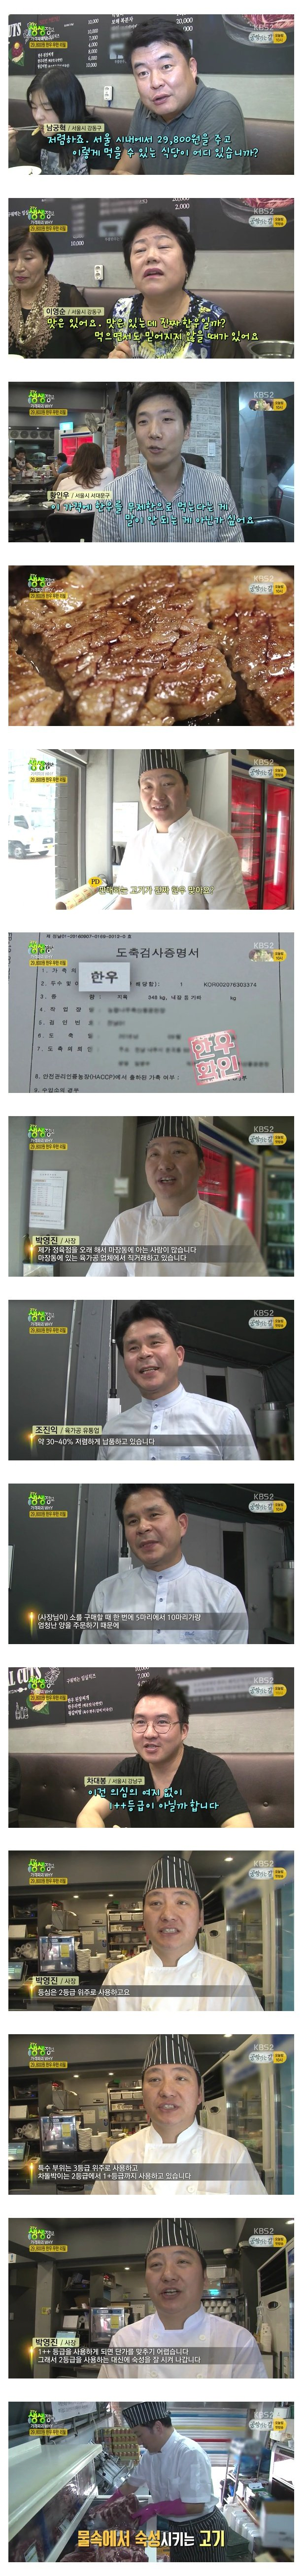 서울 29,800원 한우 무한리필